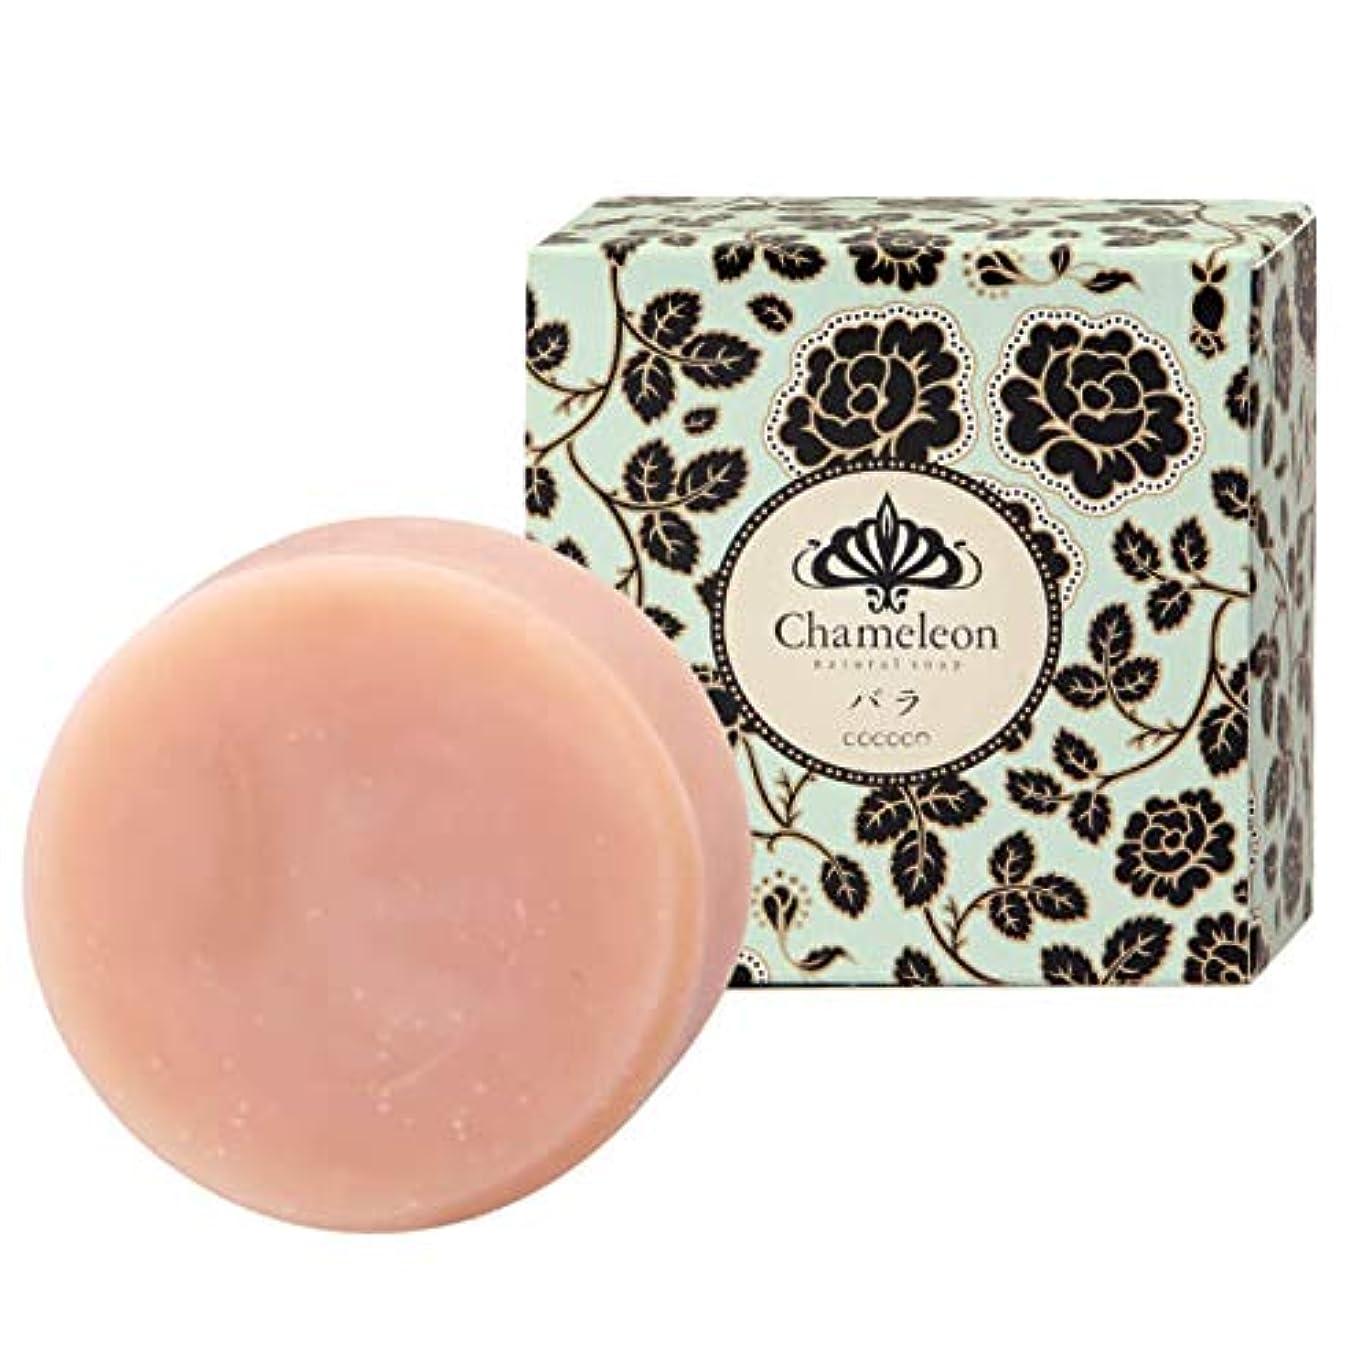 ウイルス広まったレイアウトカメレオンソープ「バラ」 75g 洗顔石鹸 無添加 ダマスクローズ コールド製法